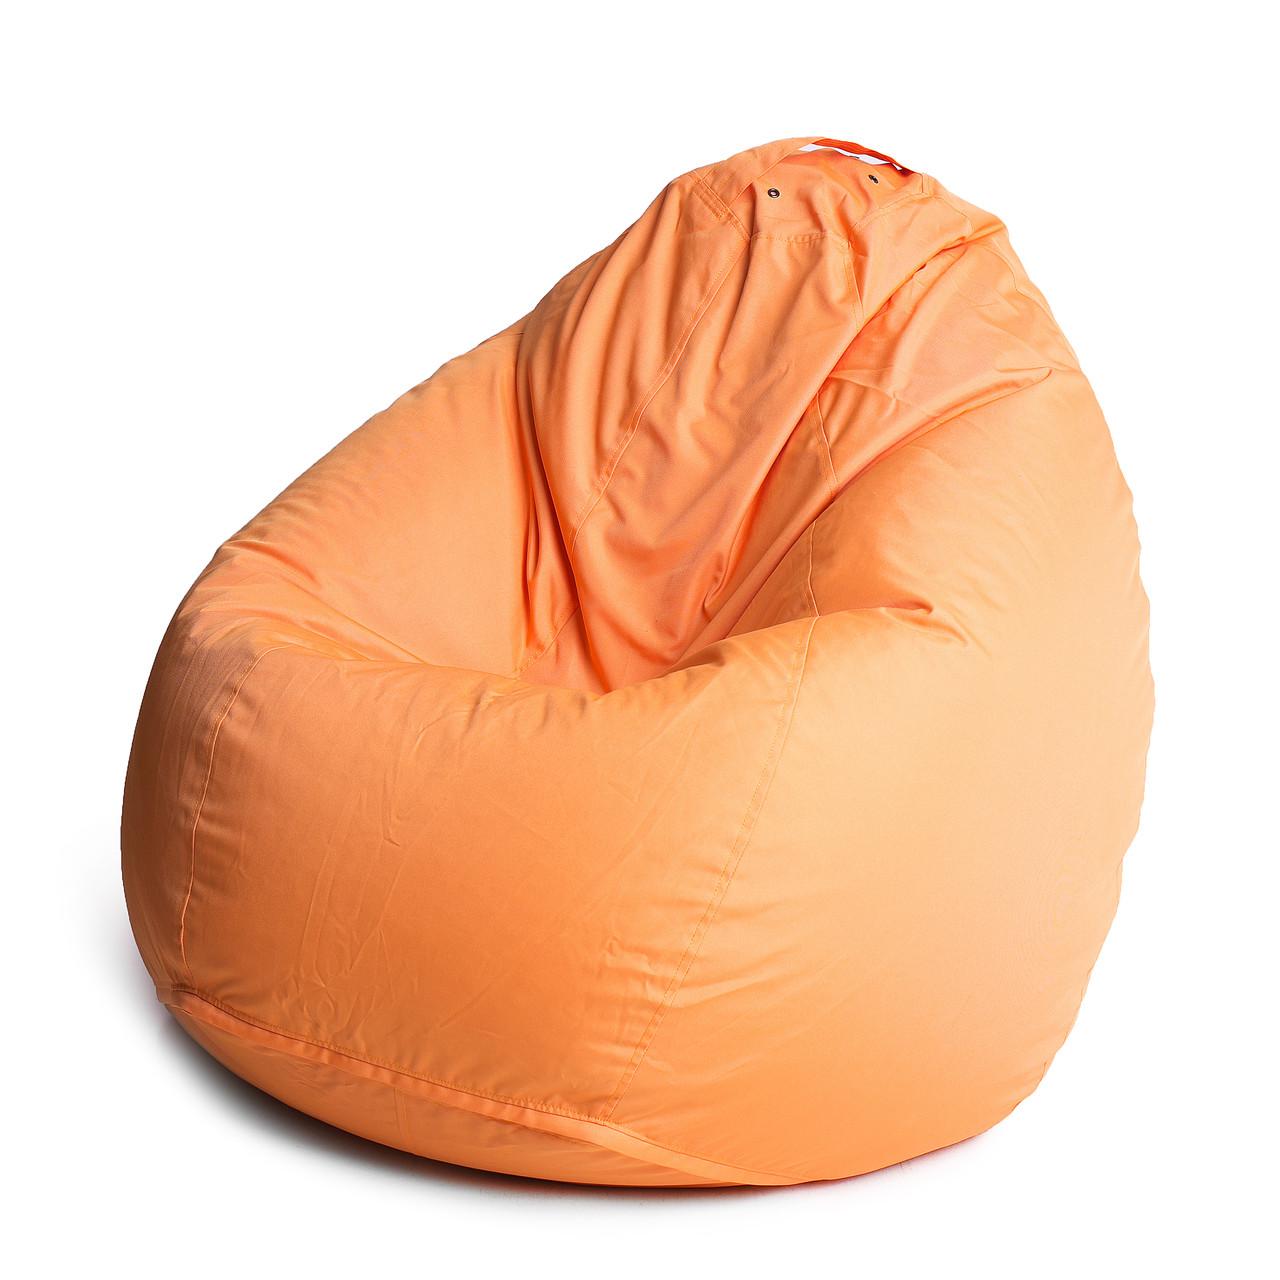 Кресло мешок груша с внутренним чехлом | Ткань Oxford XXL (Высота 130 см, ширина 90 см), Оранжевый